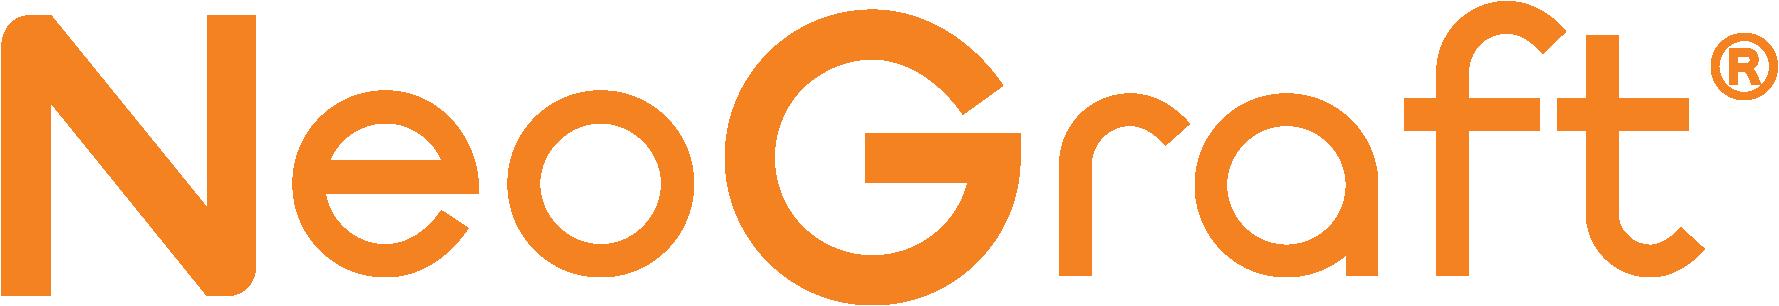 NeoGraft-logo.png